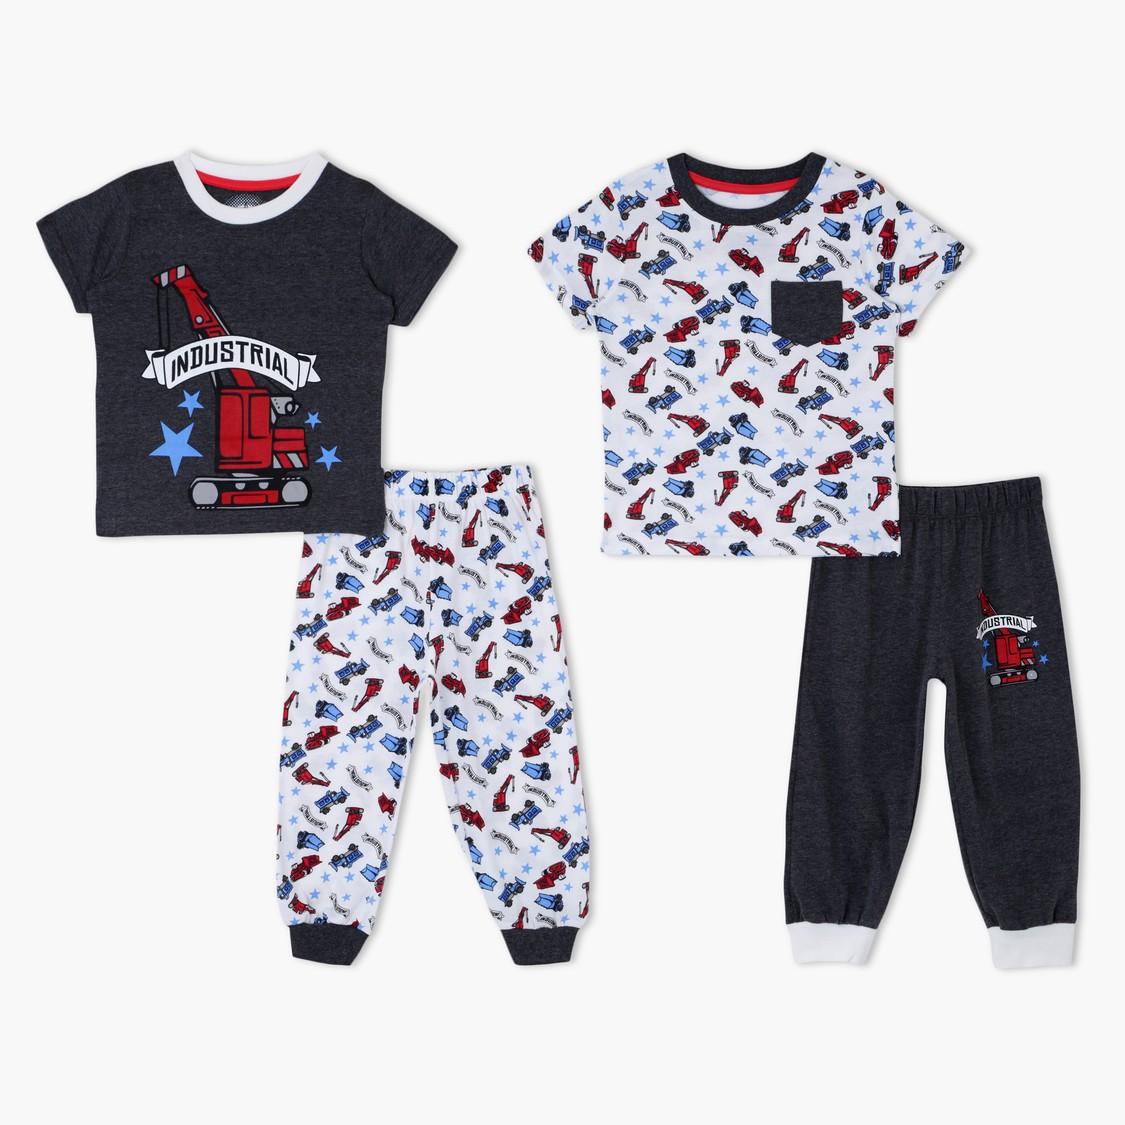 Printed Round Neck Pyjama - Set of 2